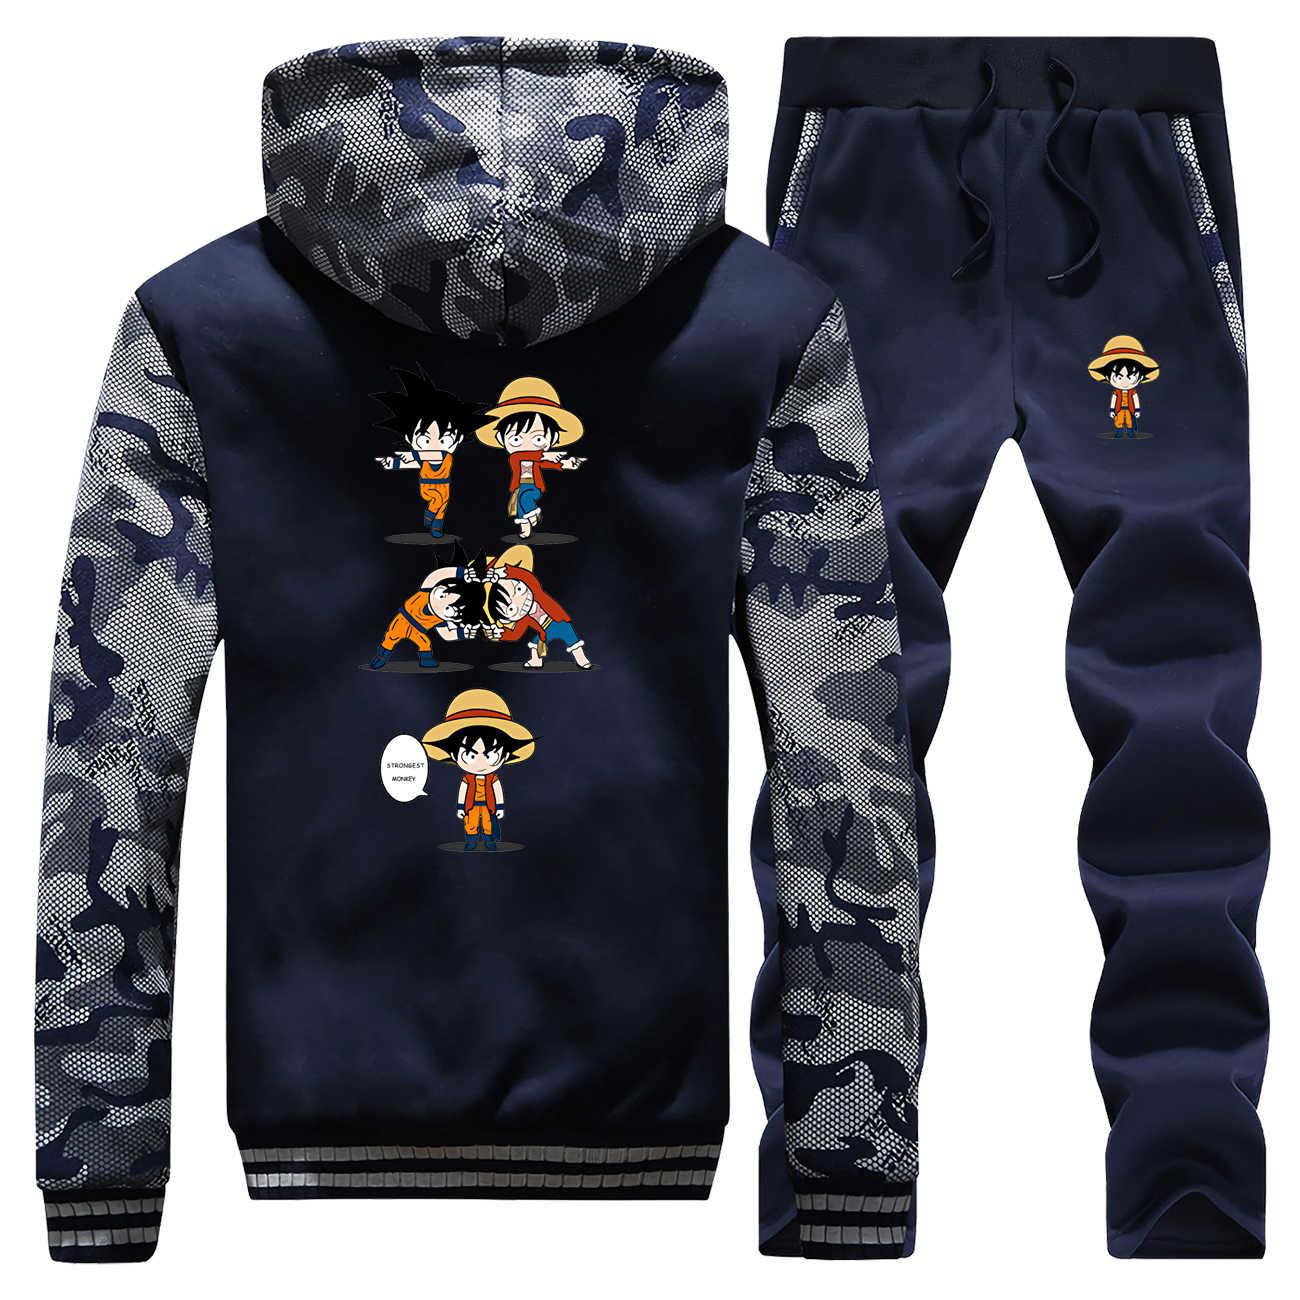 Забавные камуфляжные куртки, крепкая обезьяна, один предмет и Драконий жемчуг, толстый флис, мужской комплект, Harajuku, теплая спортивная одежда, Япония, аниме, толстовки